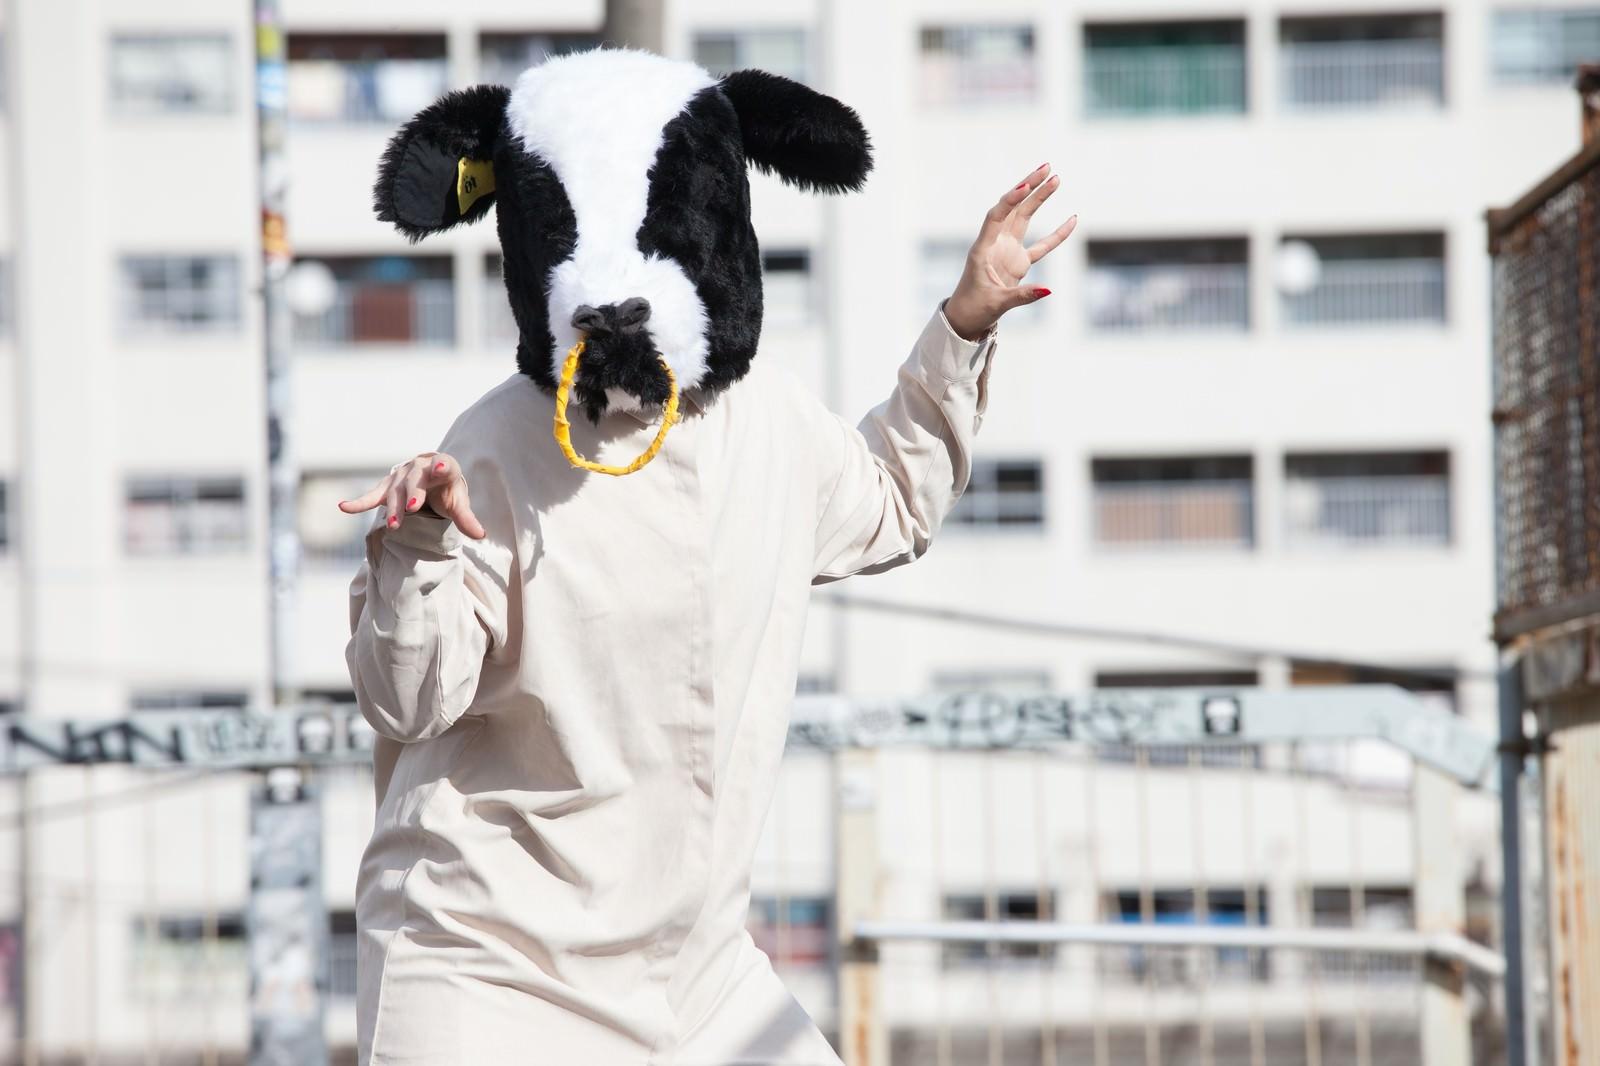 「牛のかぶりものをした挙動不審な女性」の写真[モデル:古性のっち]